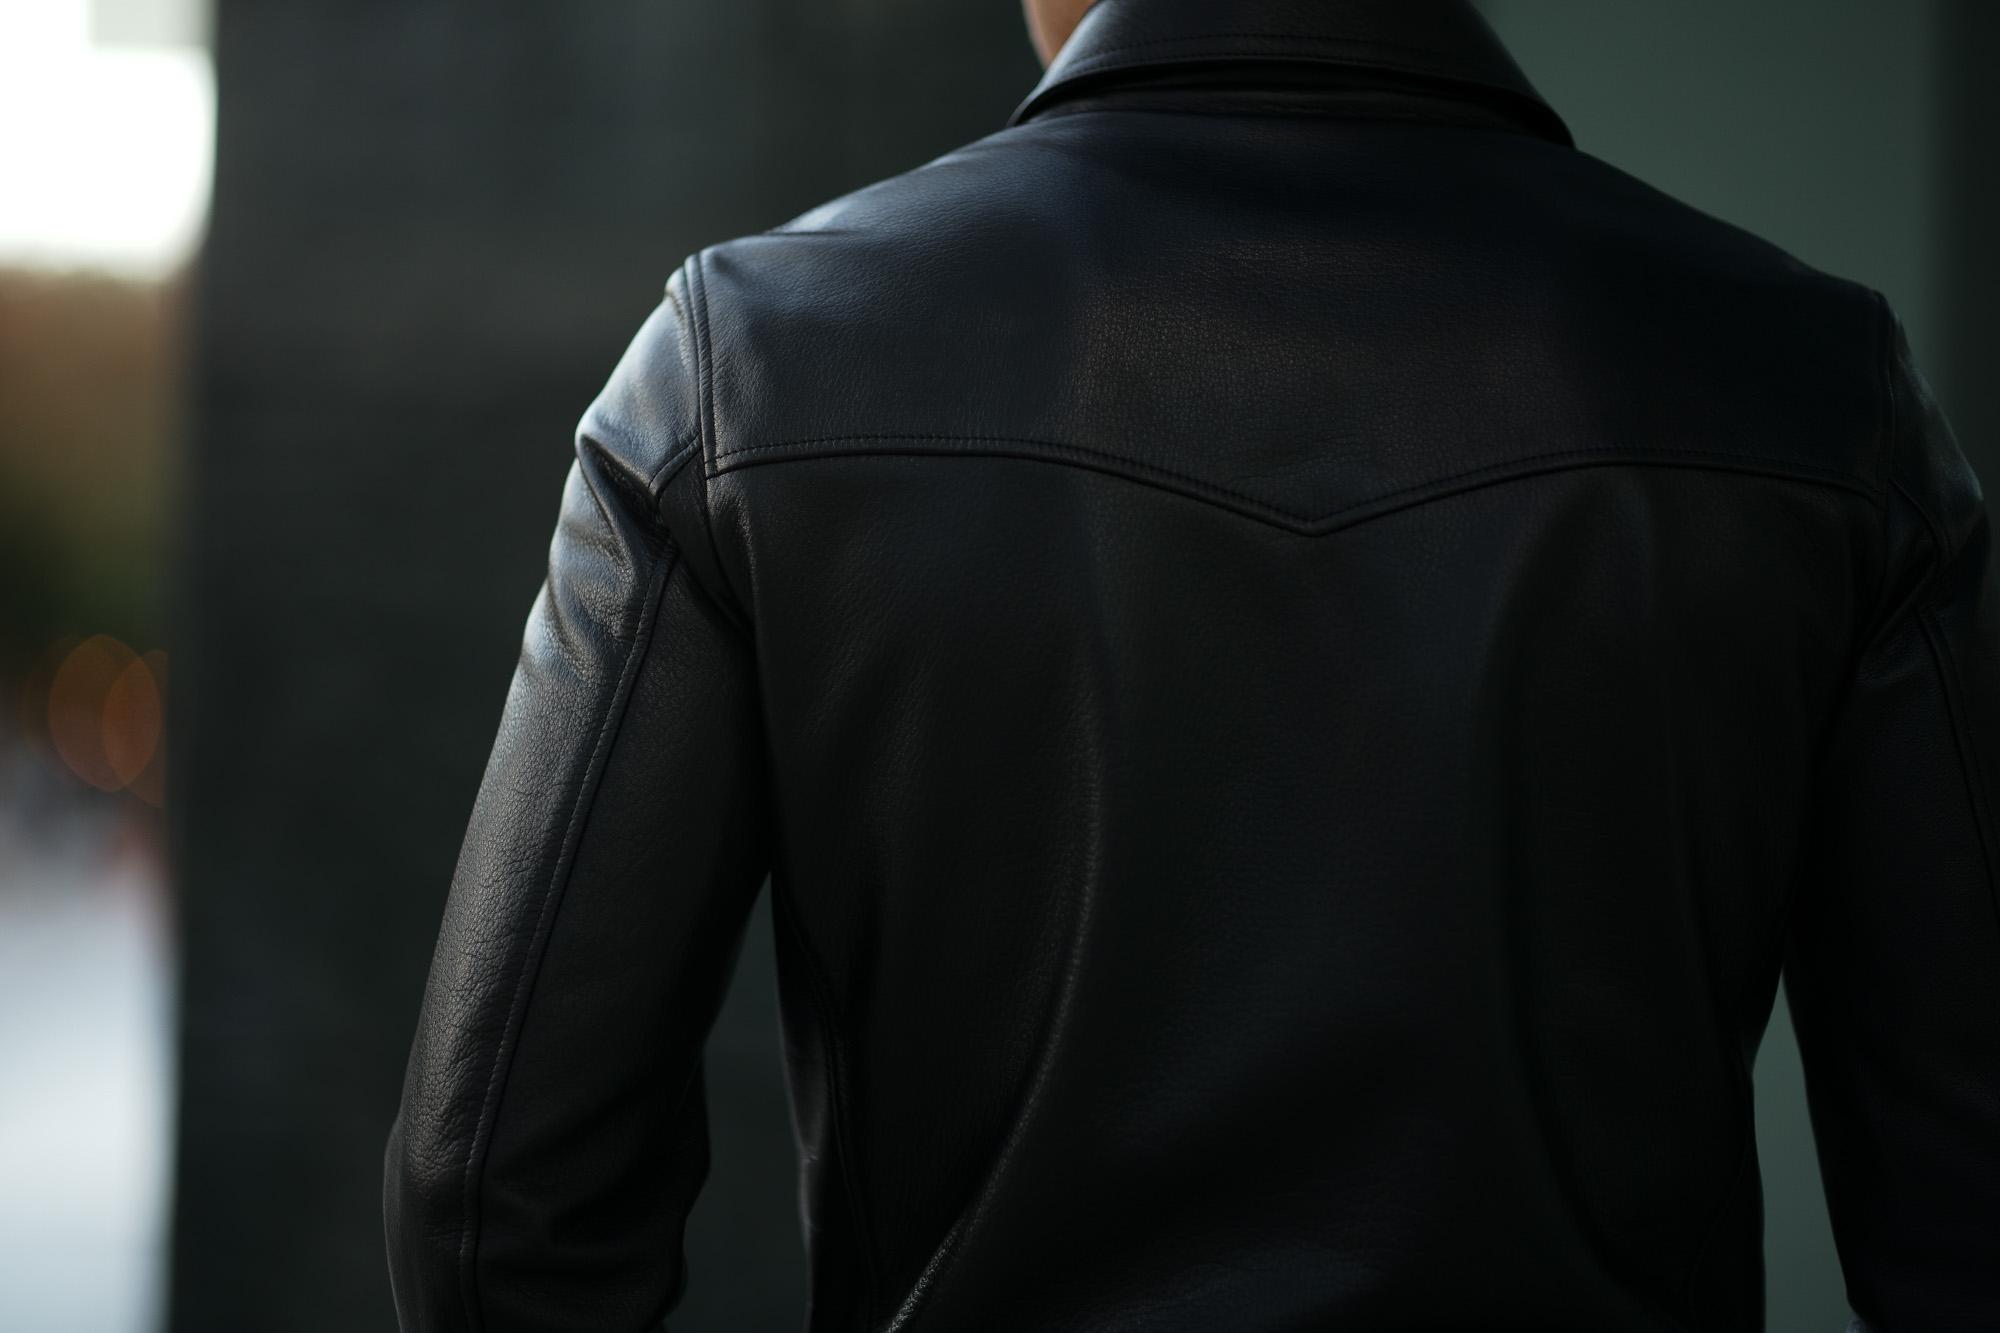 Cuervo (クエルボ) Satisfaction Leather Collection (サティスファクション レザー コレクション) TOM (トム) BUFFALO LEATHER (バッファロー レザー) シングル ライダース ジャケット BLACK (ブラック) MADE IN JAPAN (日本製) 2019 春夏 クエルボ レザージャケット 愛知 名古屋 alto e diritto アルトエデリット セレクトショップ